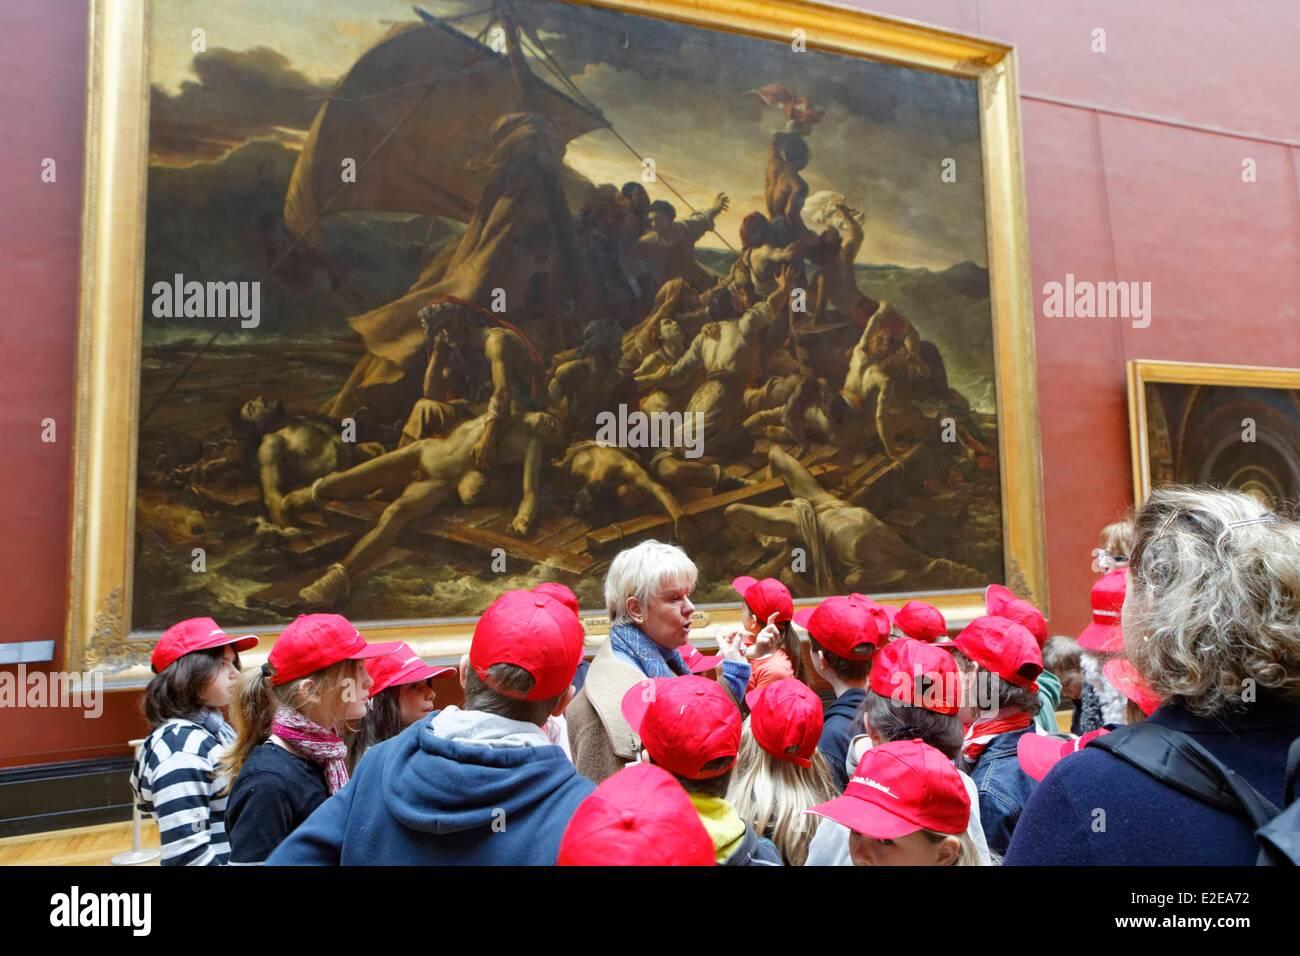 Francia, Parigi, bambini e guida in font di Le radeau de la Meduse da Gericault, al Louvre grande galleria Immagini Stock